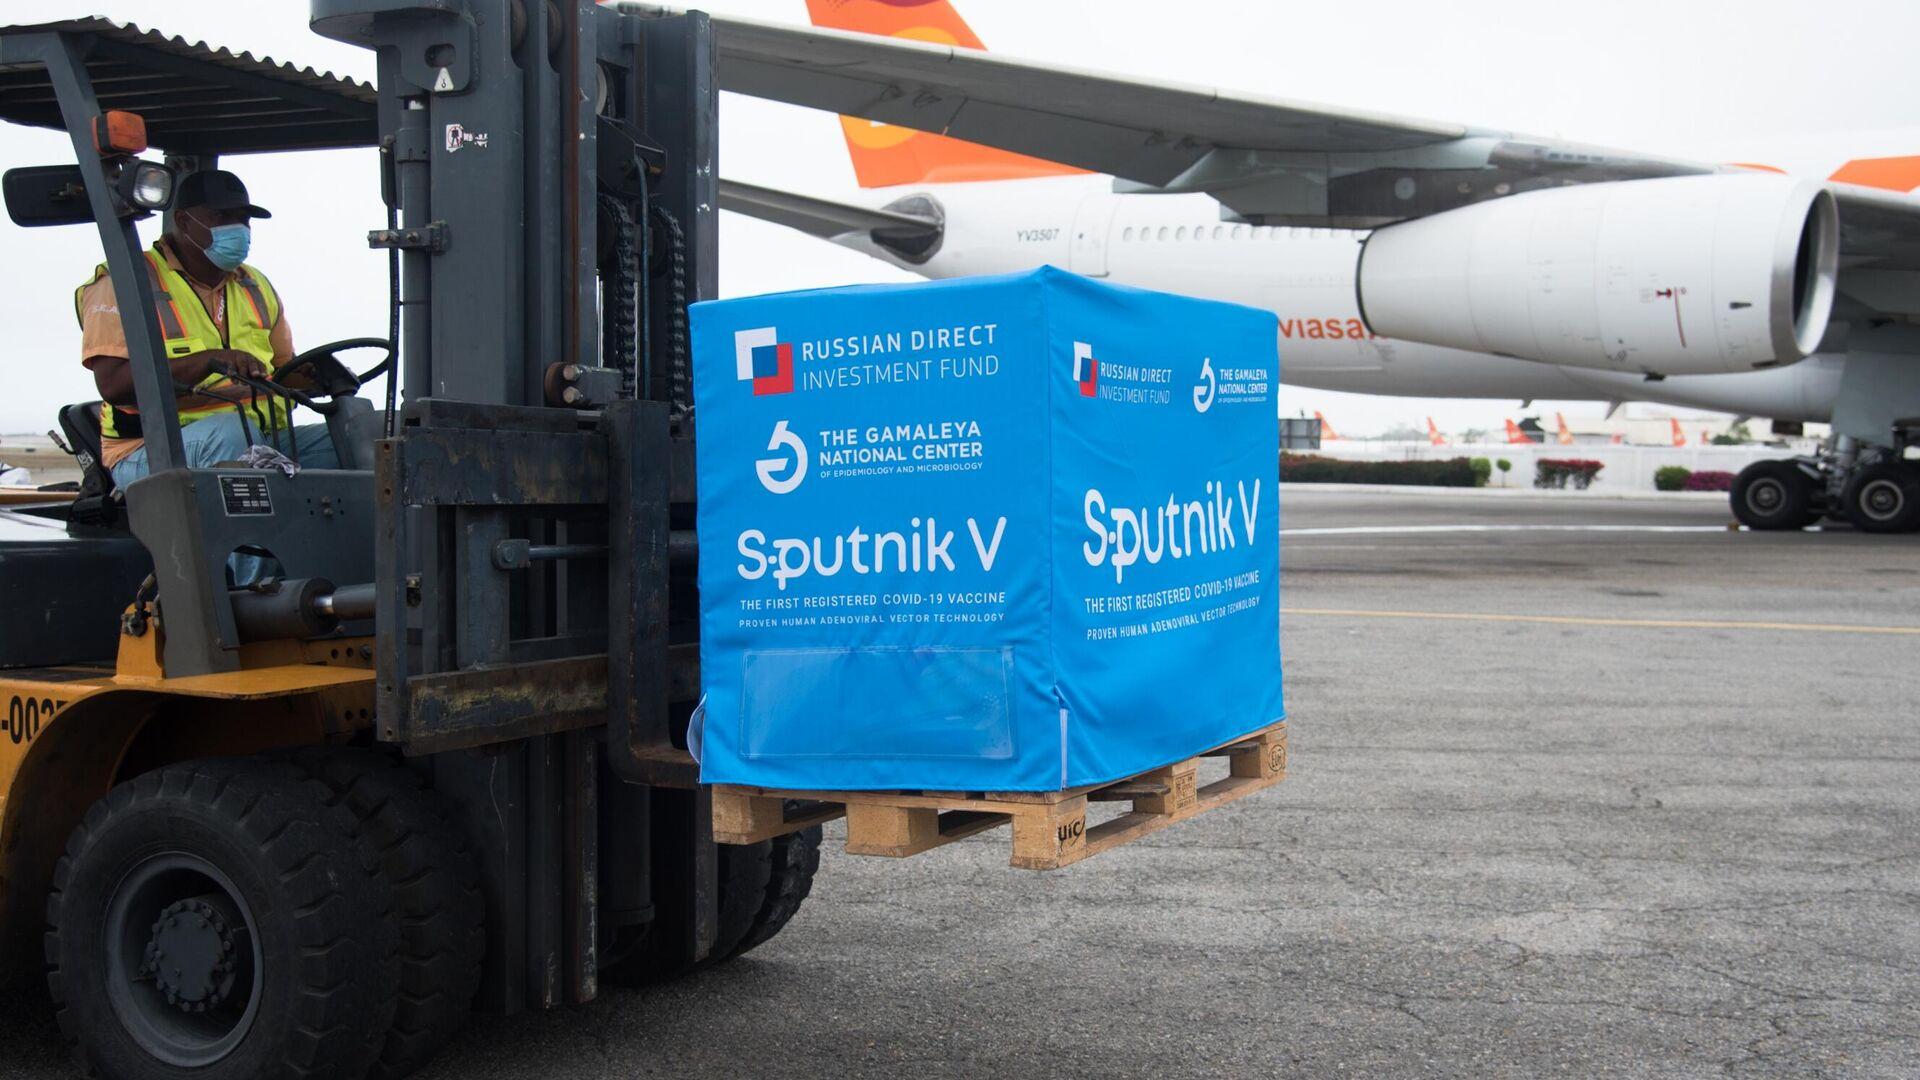 Arriba a Venezuela un cargamento de la vacuna rusa Sputnik V (Archivo) - Sputnik Mundo, 1920, 12.06.2021